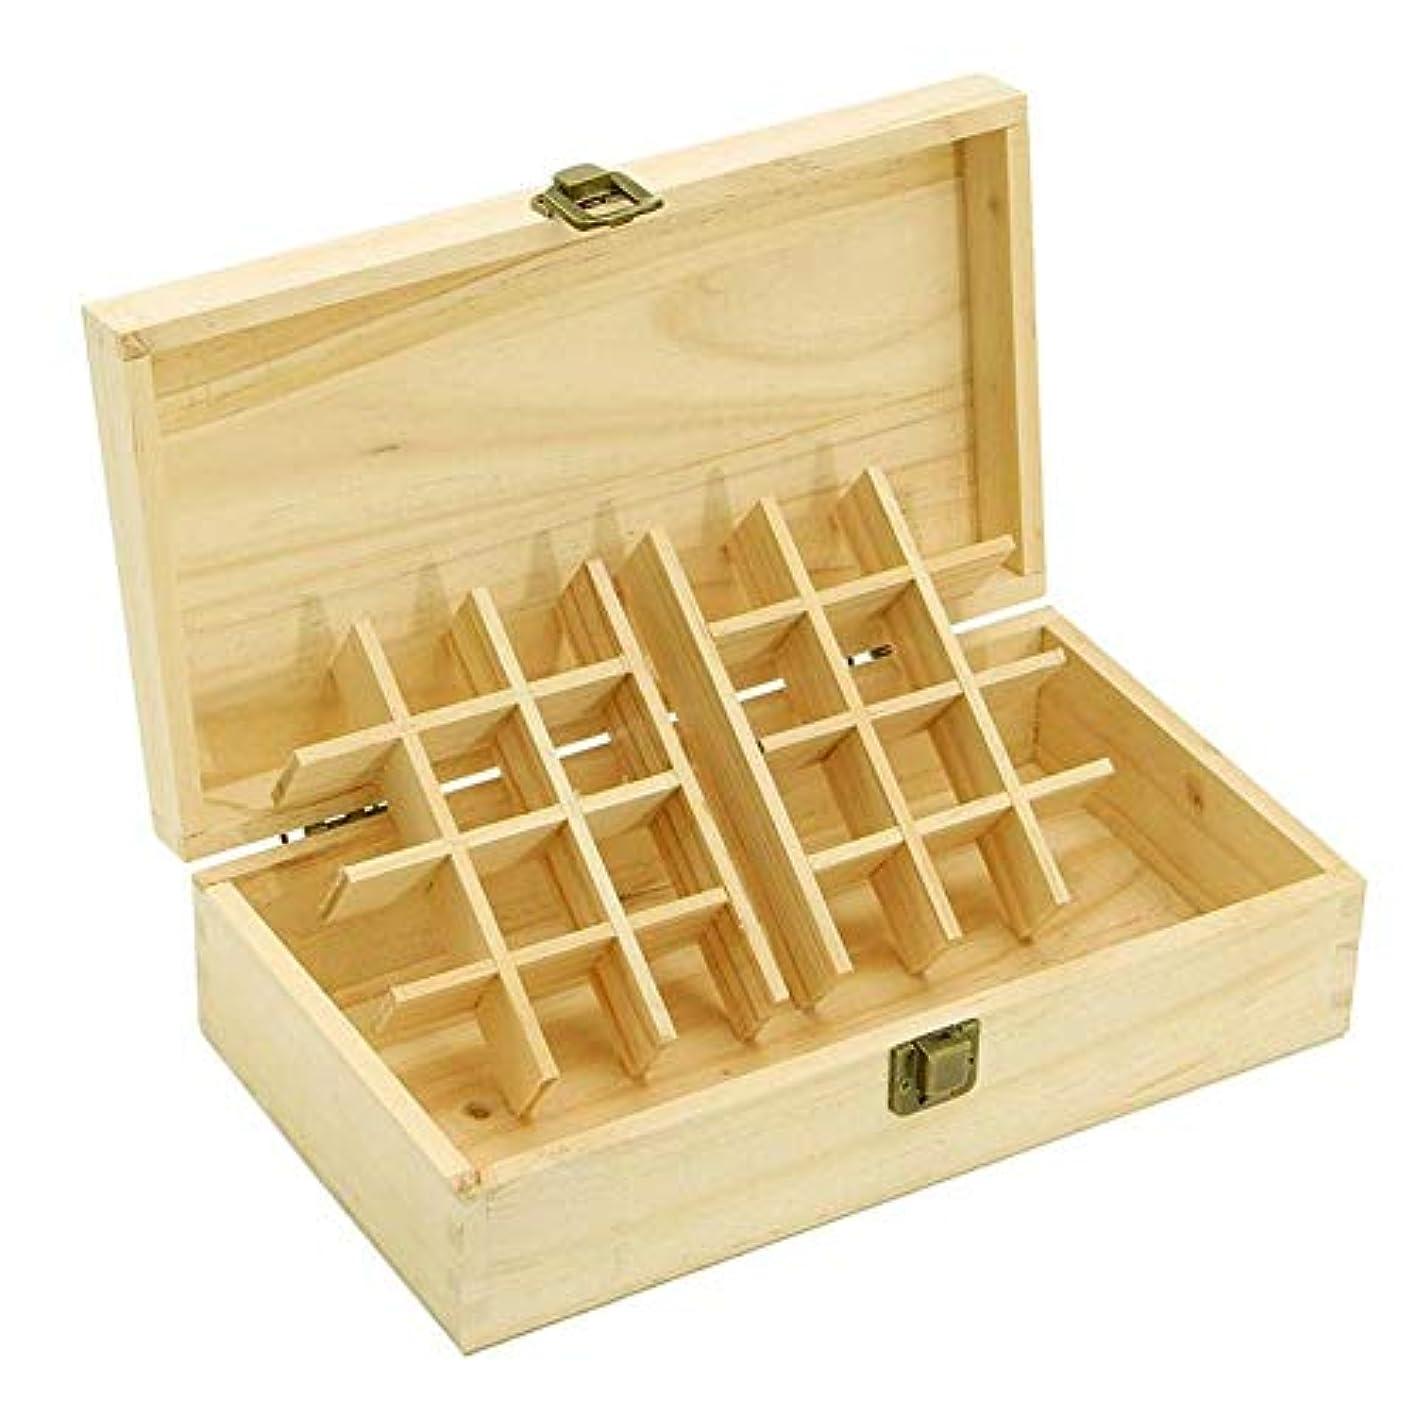 裁判官高く青エッセンシャルオイル収納ボックス 純木の精油の収納箱 香水収納ケース アロマオイル収納ボックス